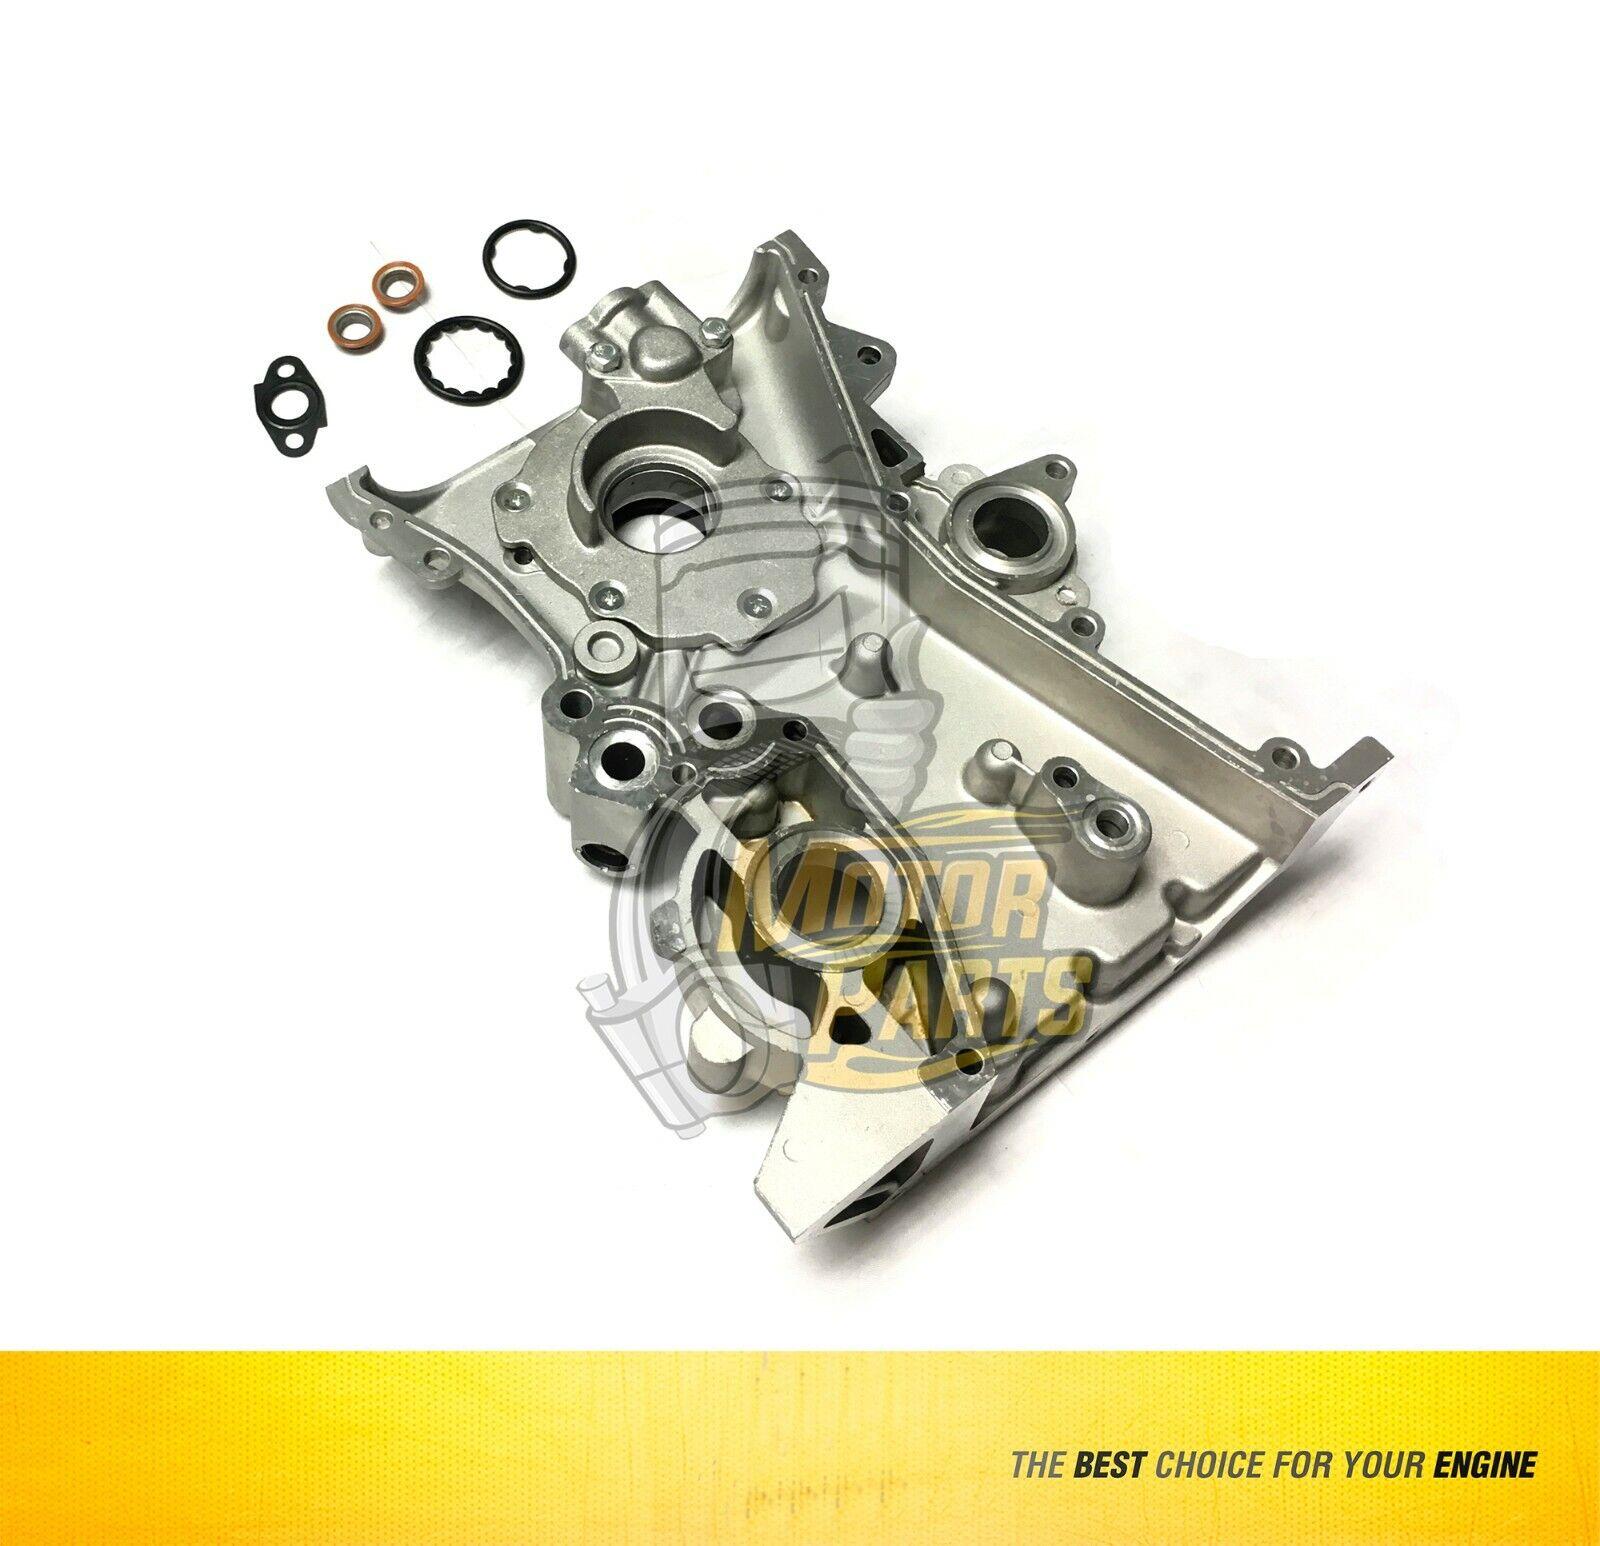 Automotive Diamond Power DM1010 Nissan Sentra 1.8 L DOHC Oil Pump ...